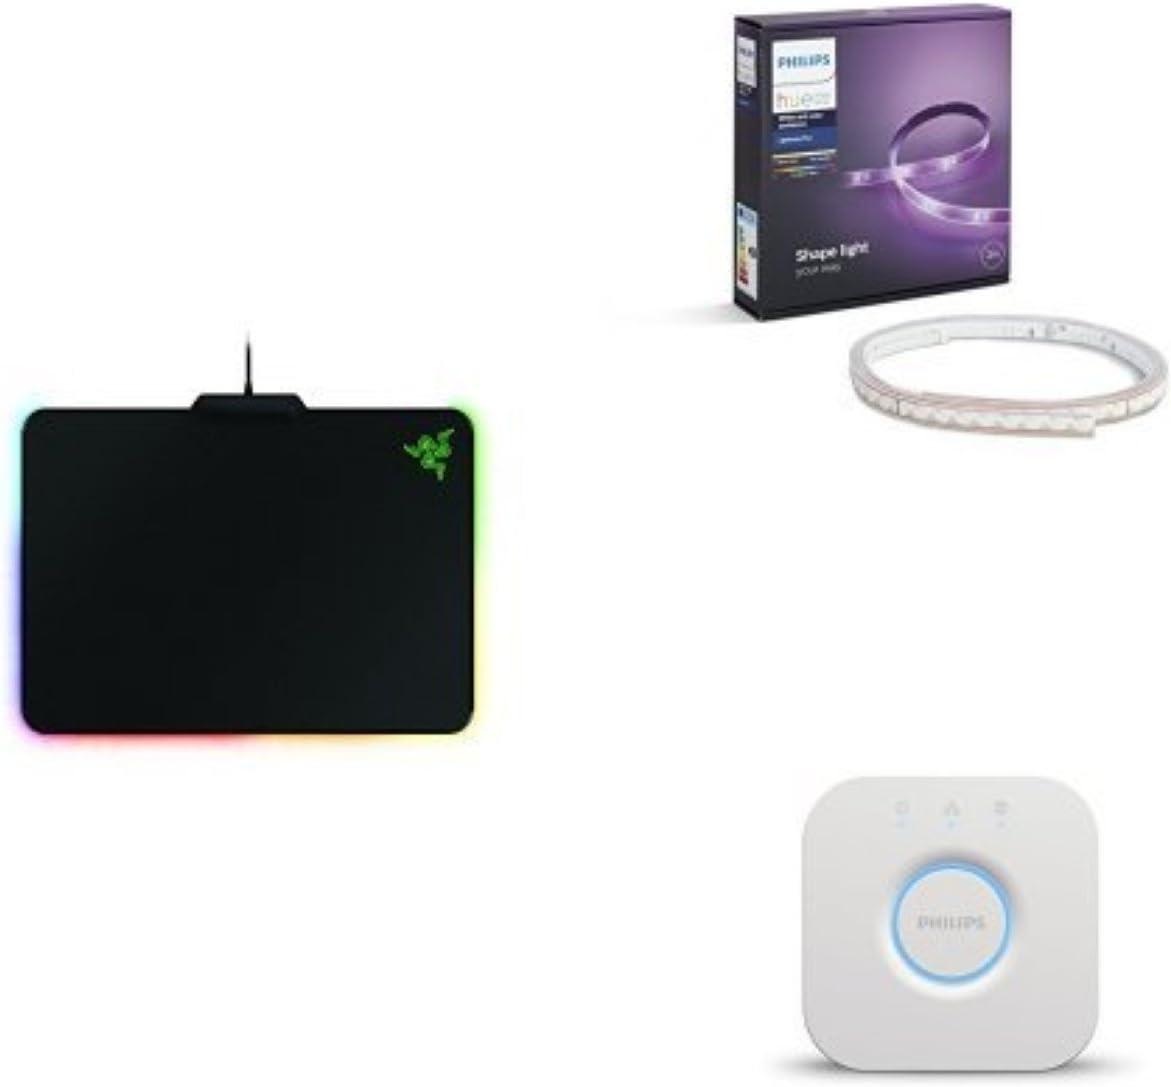 Razer Firefly - Alfombrilla de ratón gaming + Philips Hue - Puente de conexión + Philips Hue White and Color Ambiance - Lightstrip Plus: Amazon.es: Informática